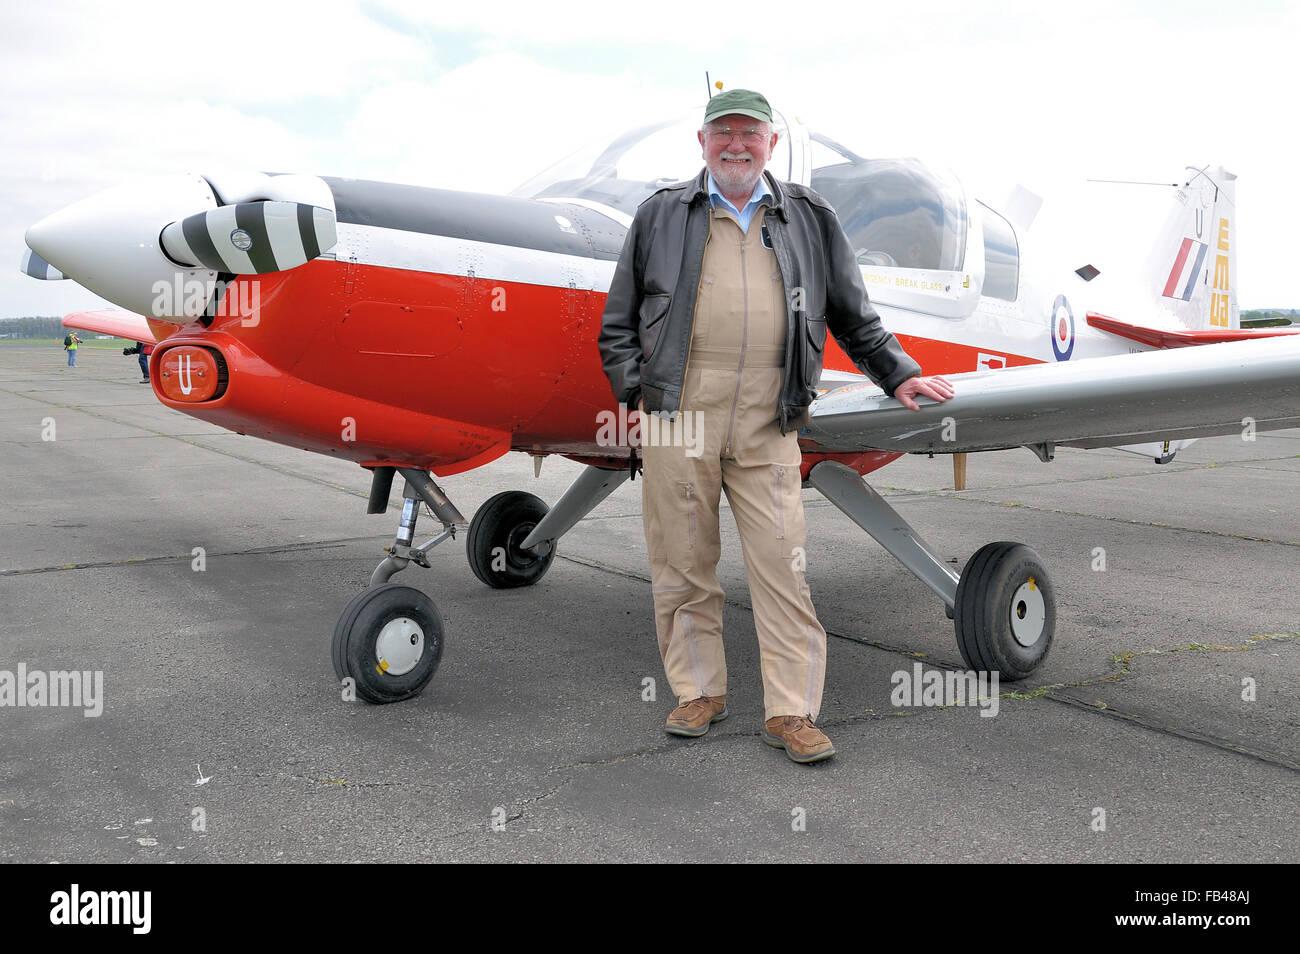 Rod Dean ha sido mostrar las aeronaves civiles desde 1984, cuando se retiró de la RAF después de 21 años de servicio Foto de stock